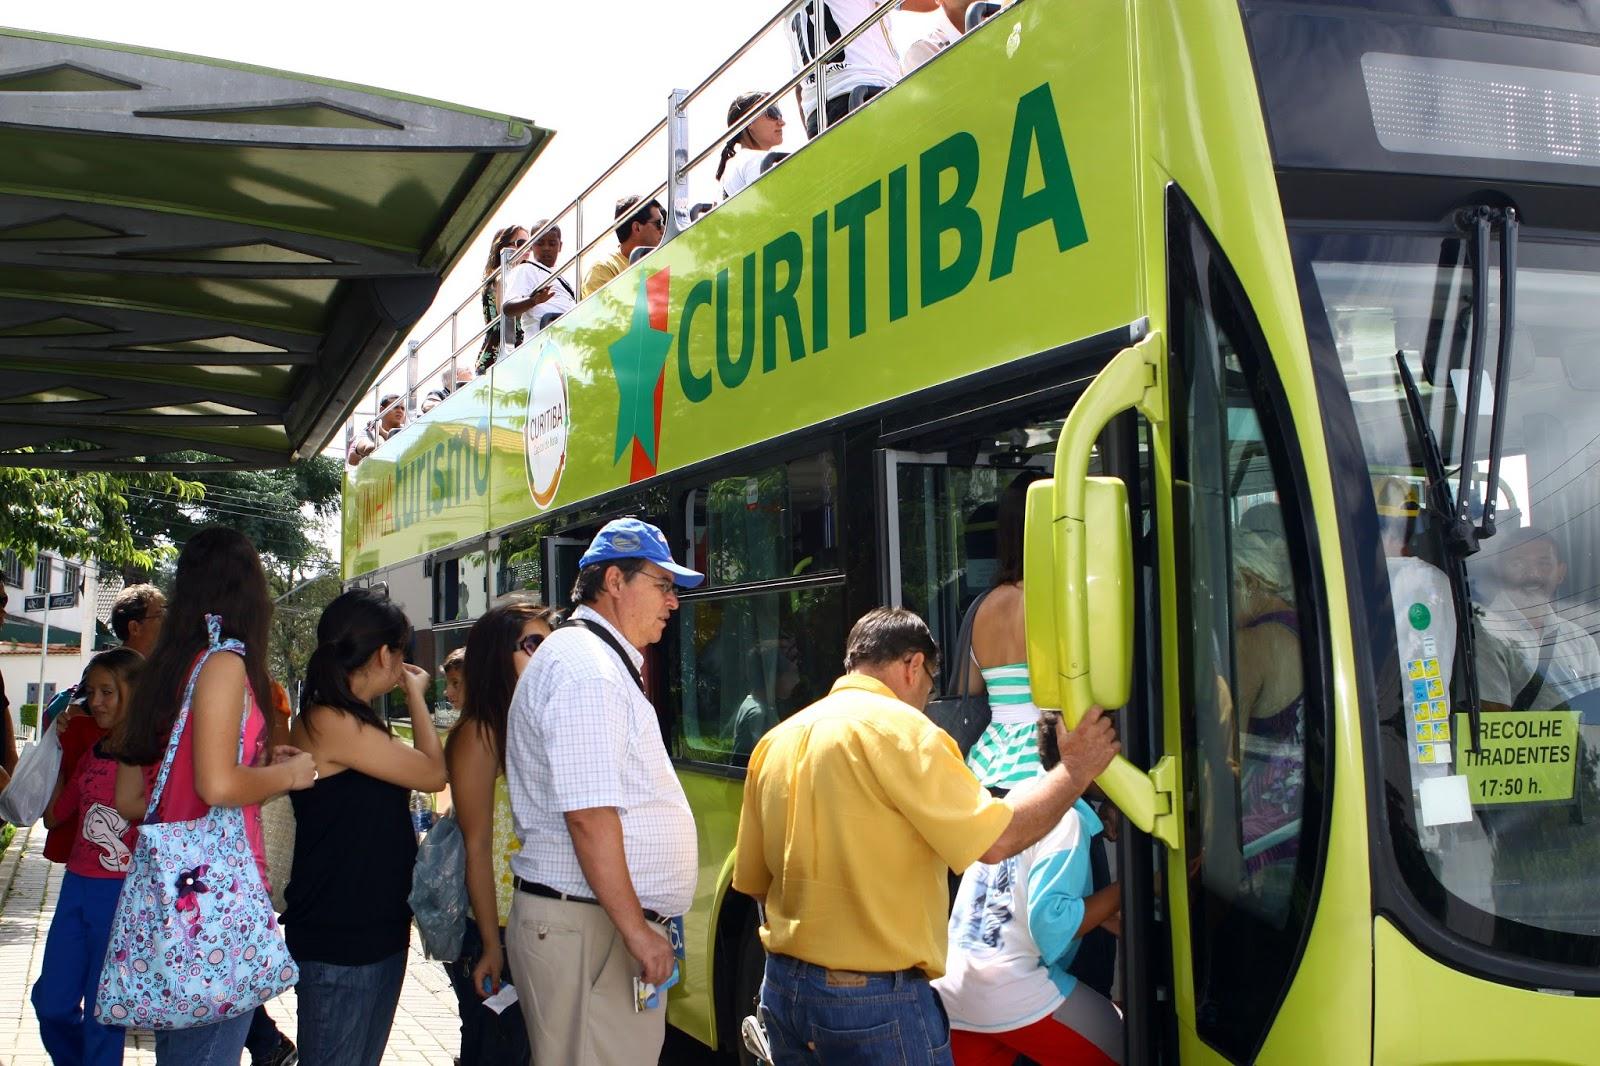 Maioria dos passageiros da Linha Turismo vieram a Curitiba a lazer